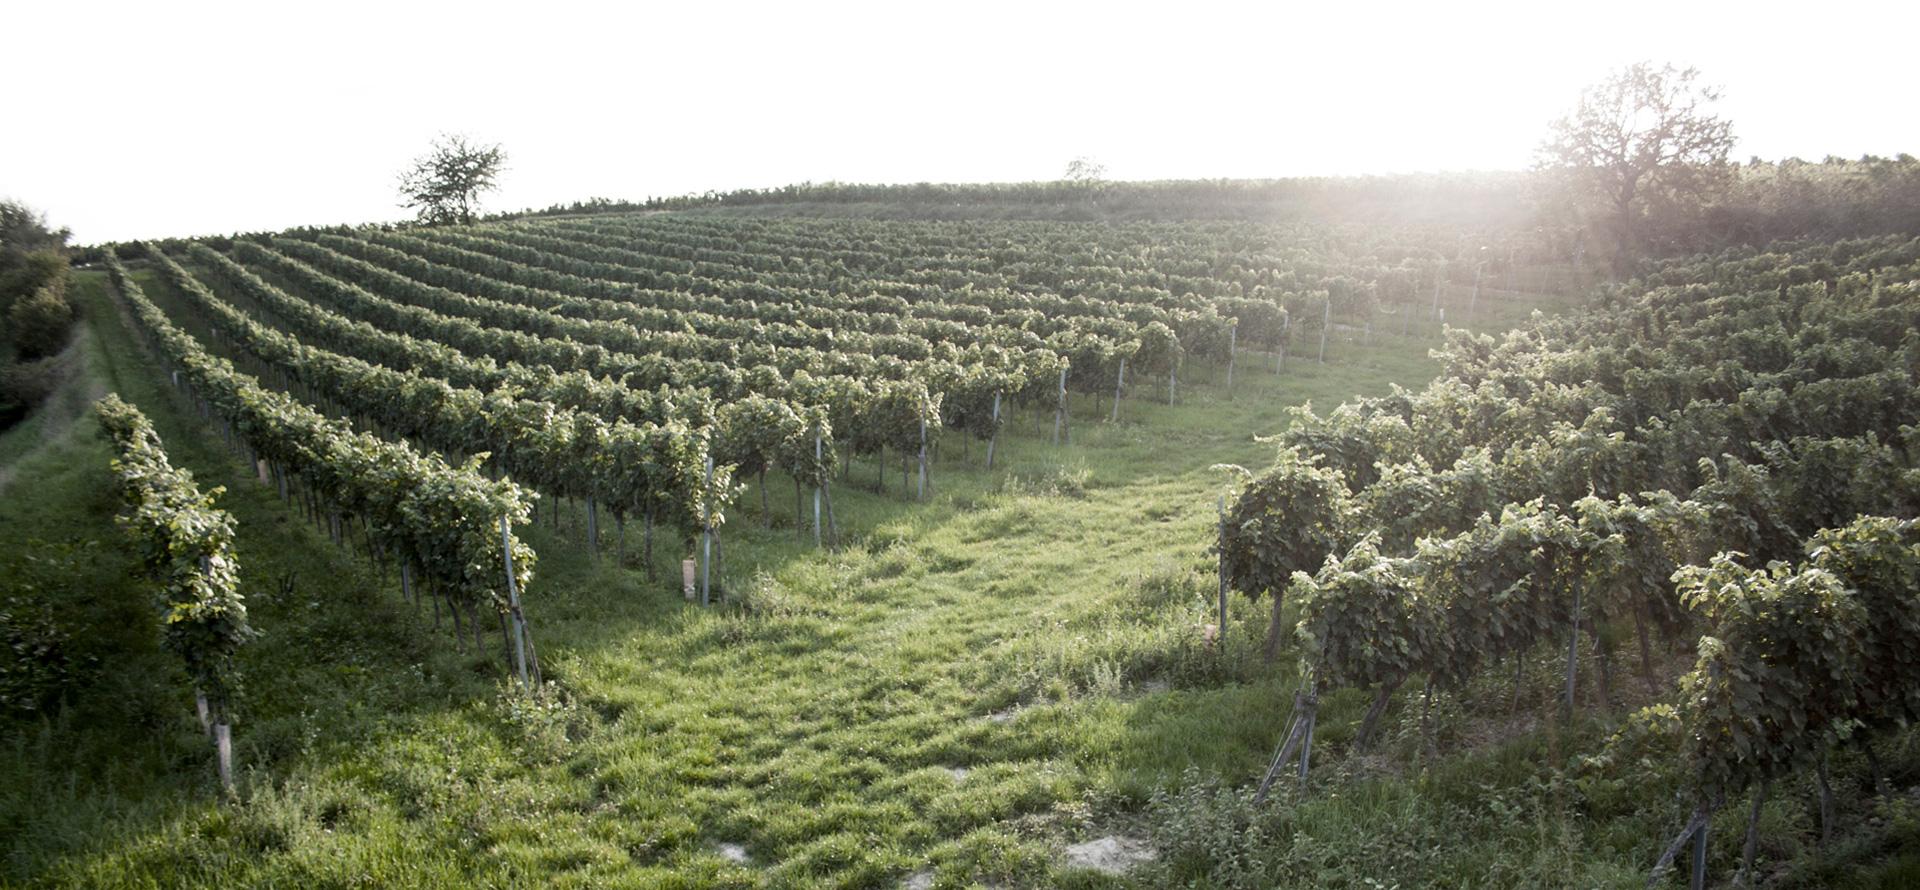 Winery field